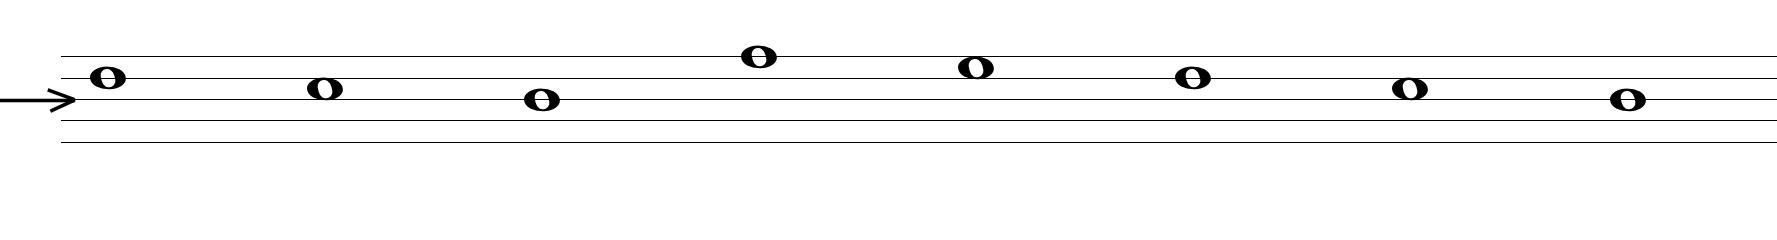 Skyler Scott - Skyler's example 4.jpg